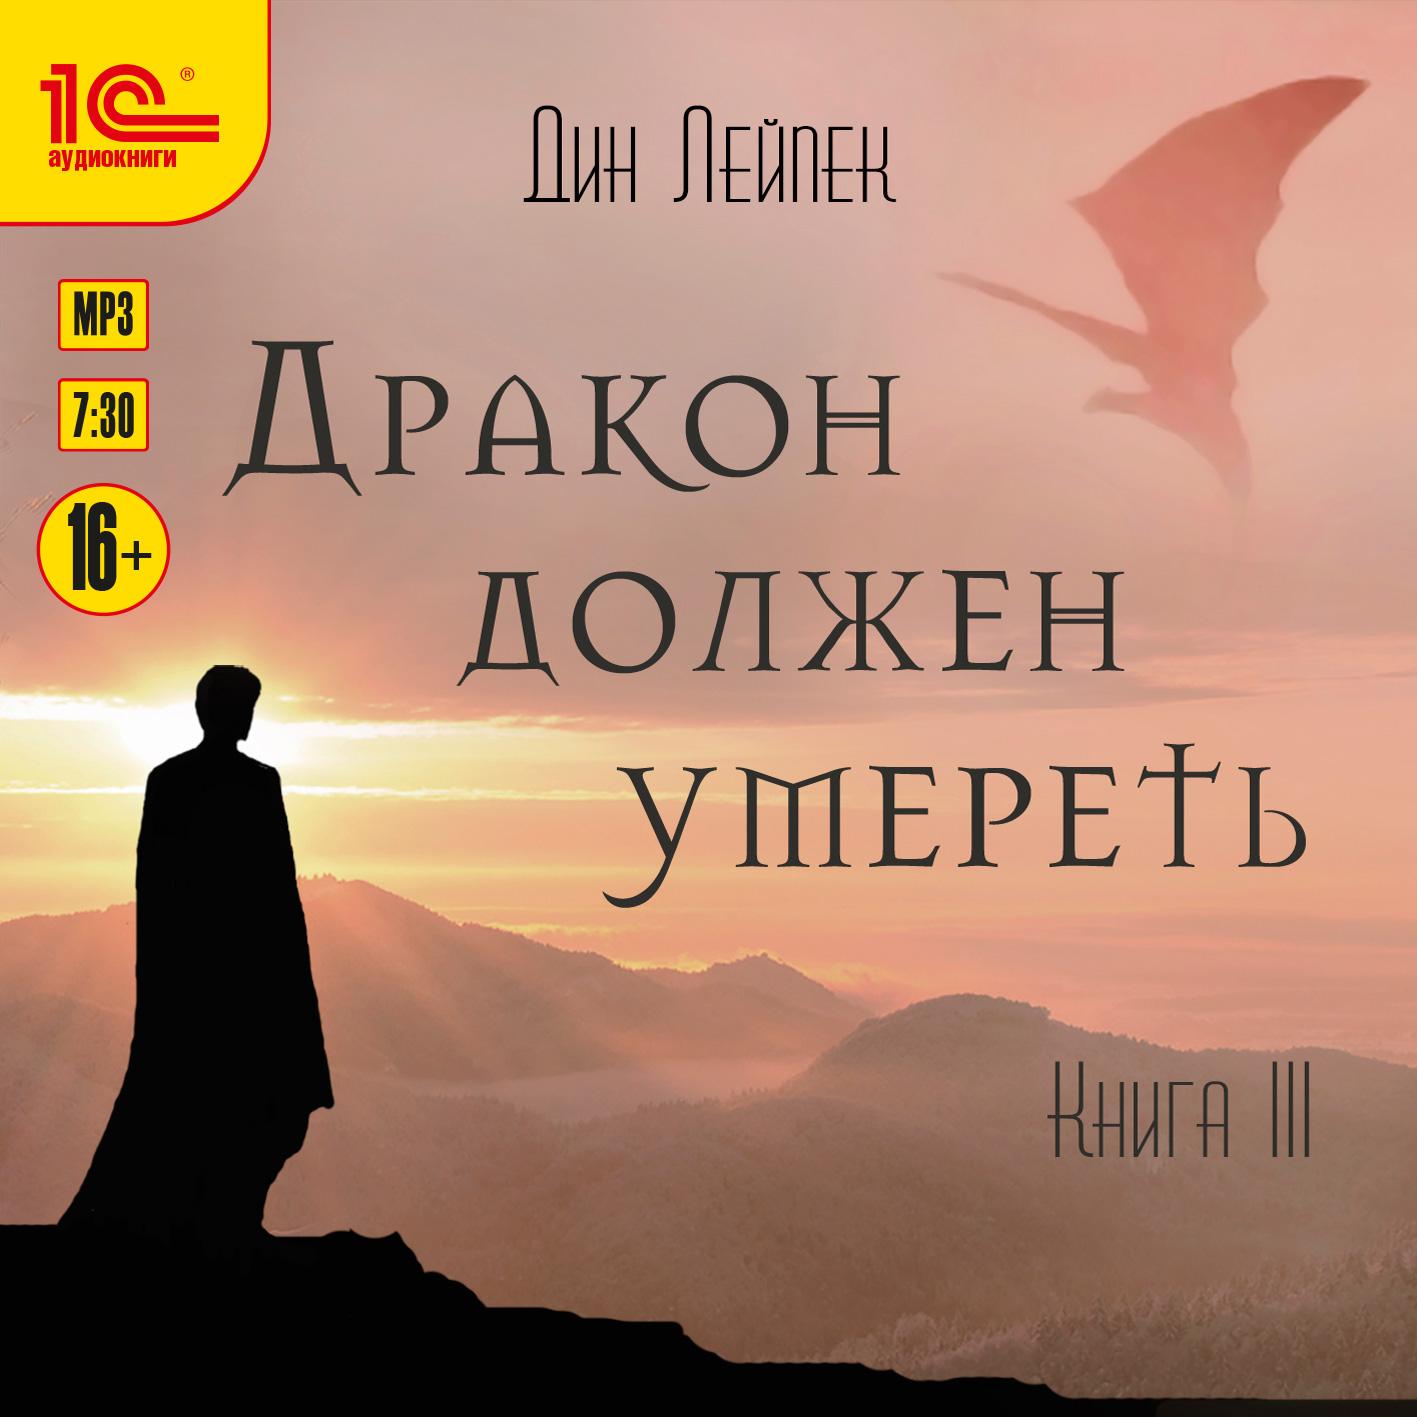 Фото - Дин Лейпек Дракон должен умереть. Книга 3 (цифровая версия) (Цифровая версия) ильин а победитель должен умереть